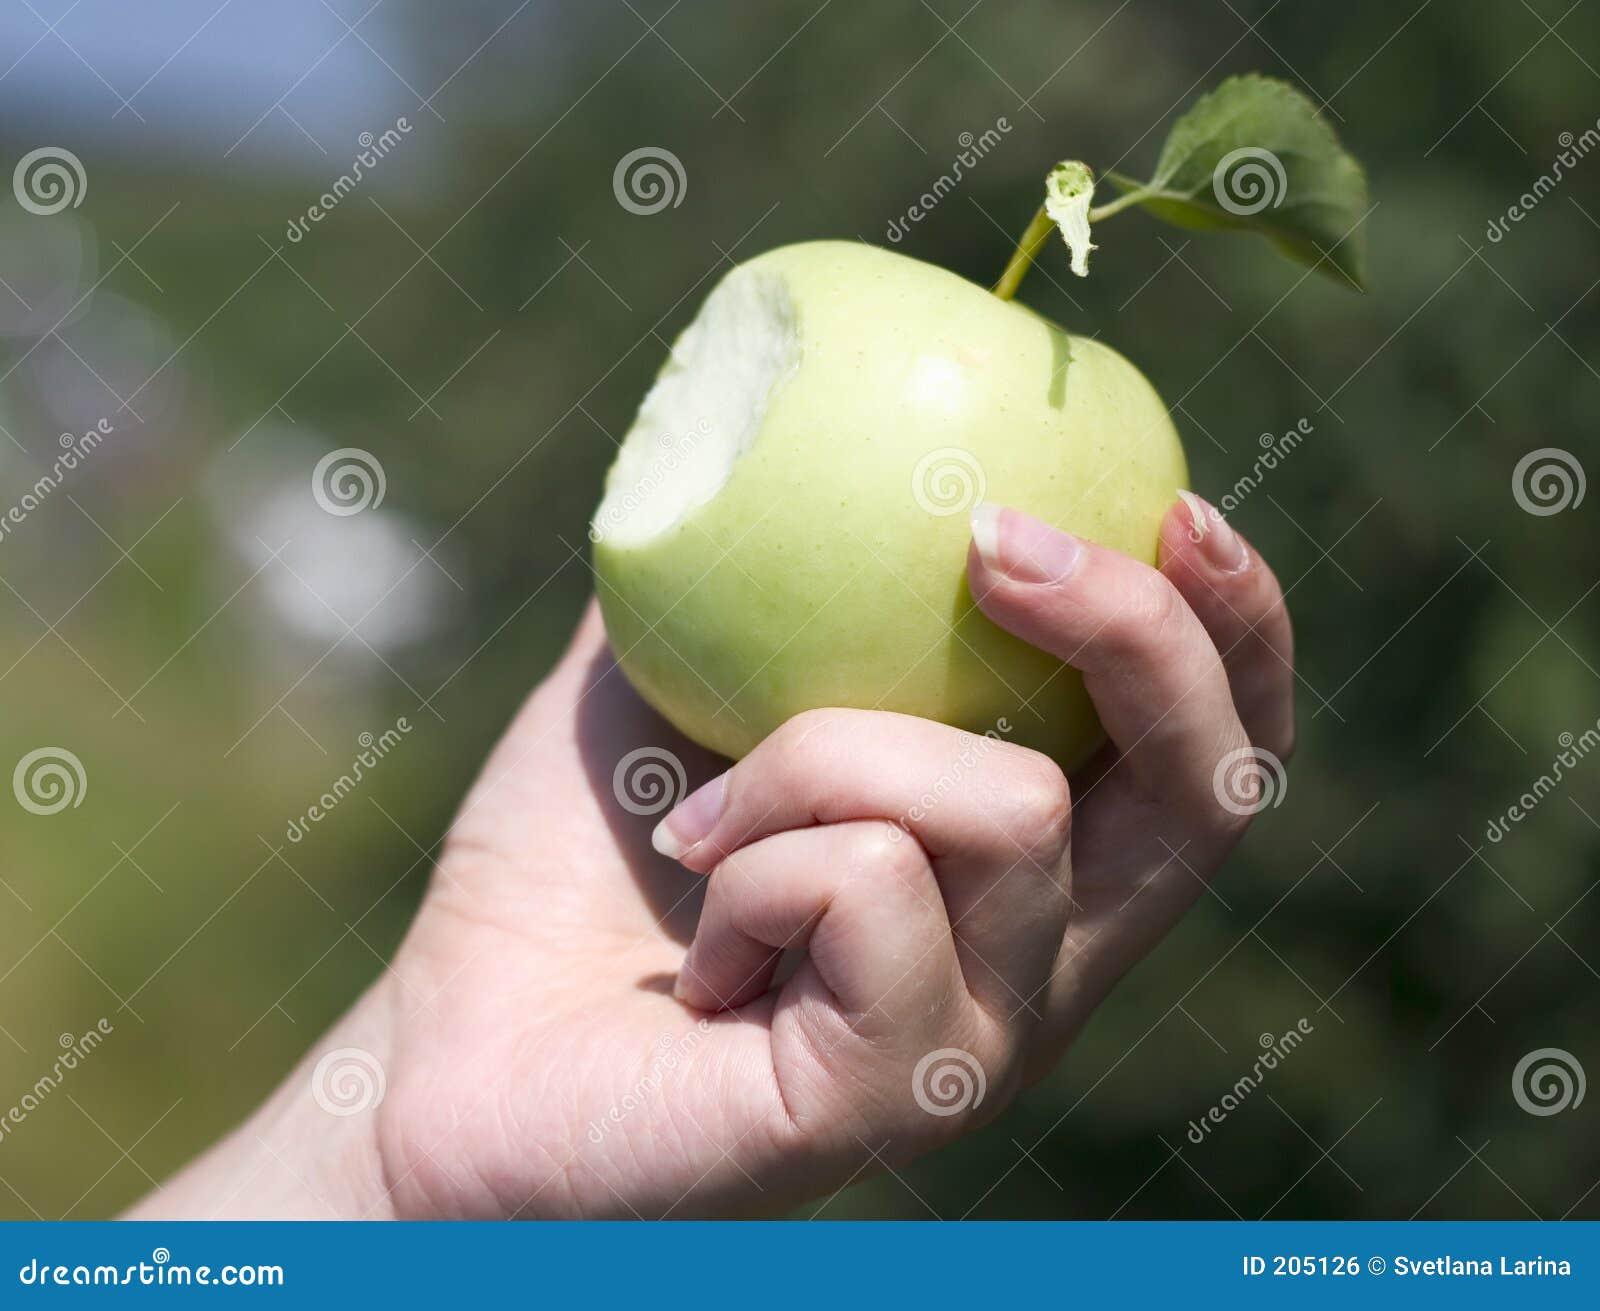 Apple a disposizione